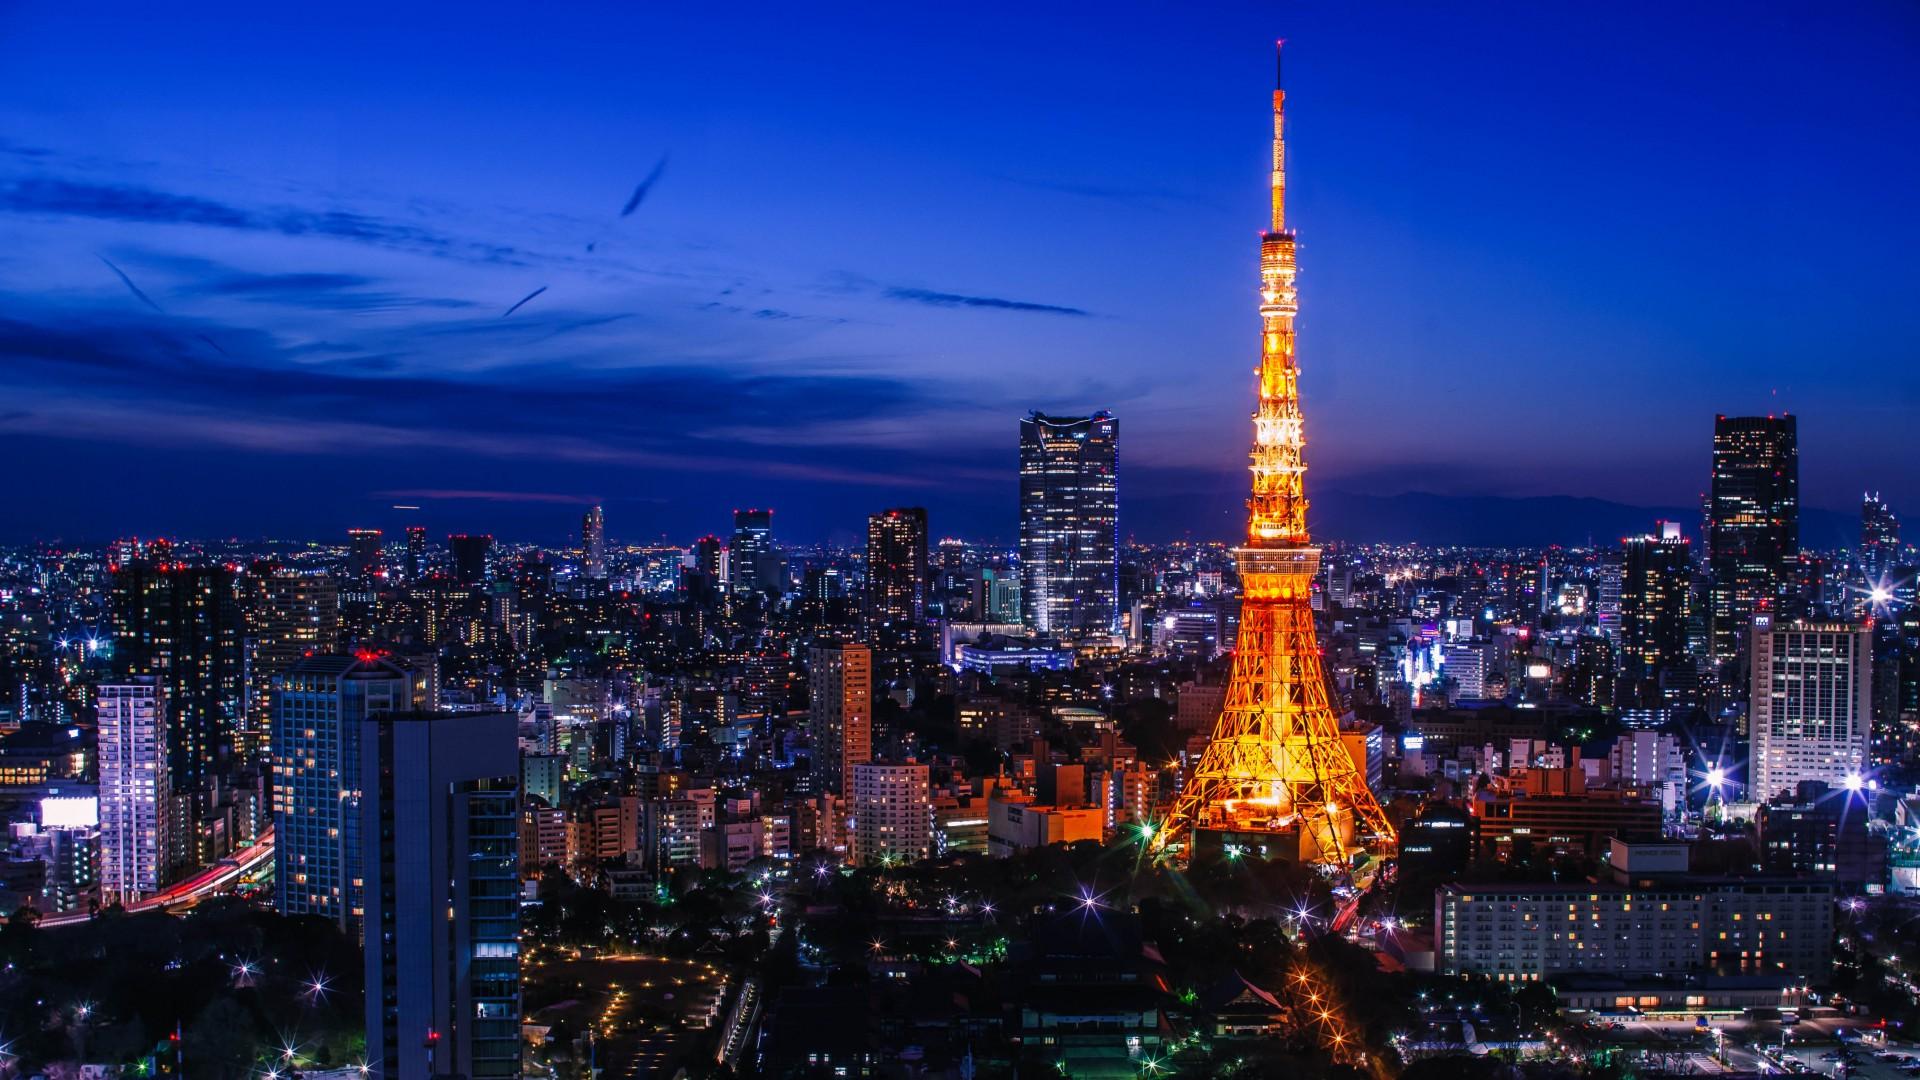 東京観光おすすめスポット&名所ランキングTOP51!人気の場所を網羅!